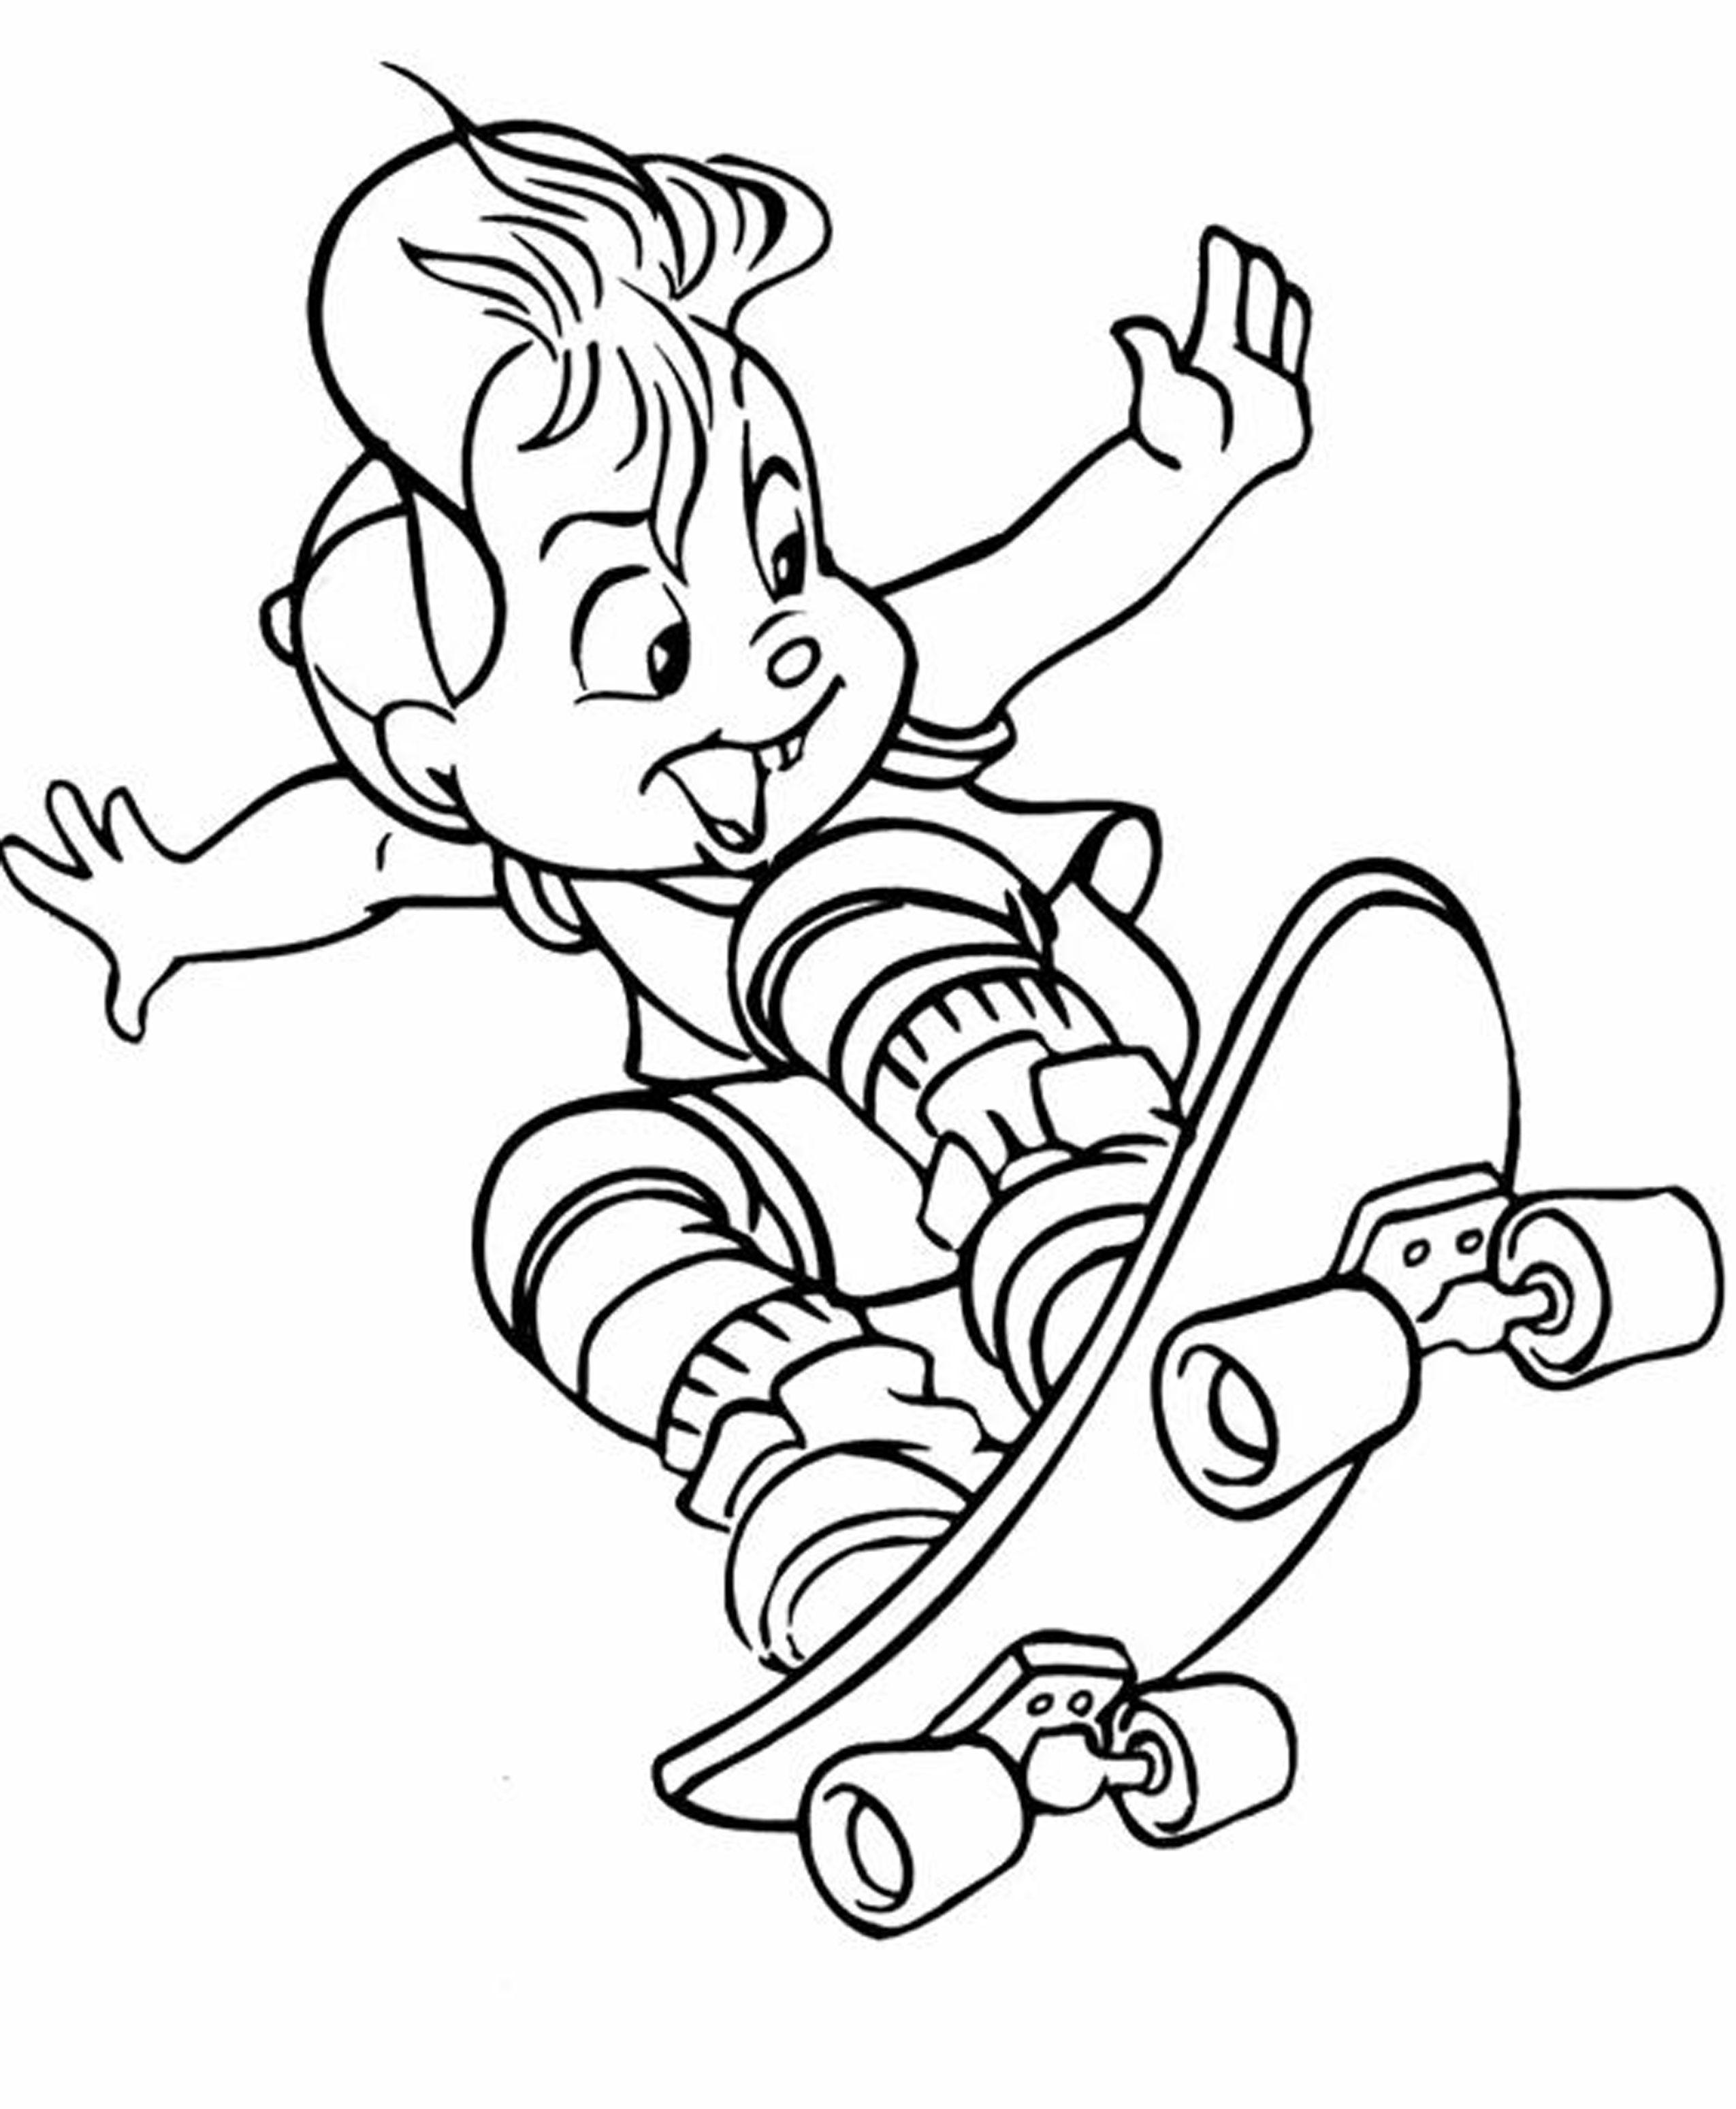 Coloriage Skateboard / Planche à roulette #139397 ...